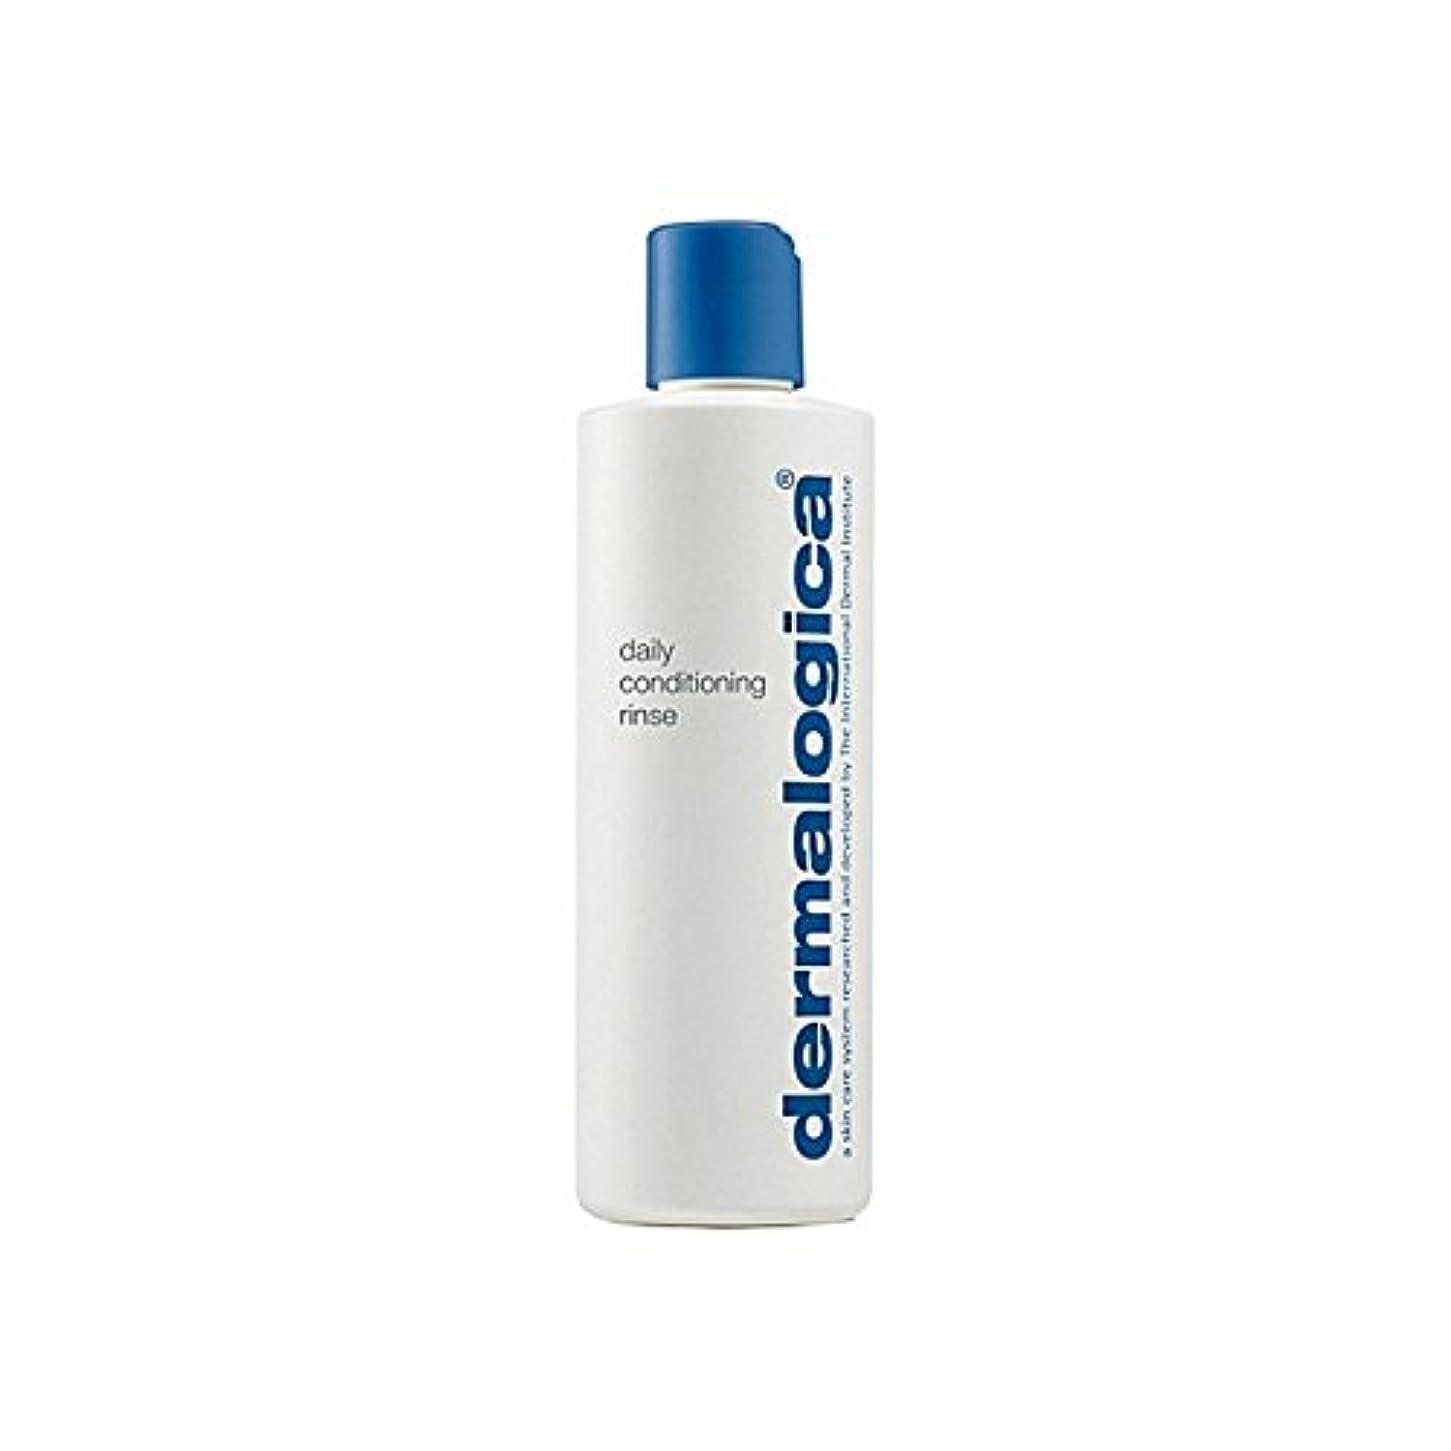 バンジョー戸惑う高さダーマロジカ毎日コンディショニングリンス50ミリリットル x4 - Dermalogica Daily Conditioning Rinse 50ml (Pack of 4) [並行輸入品]